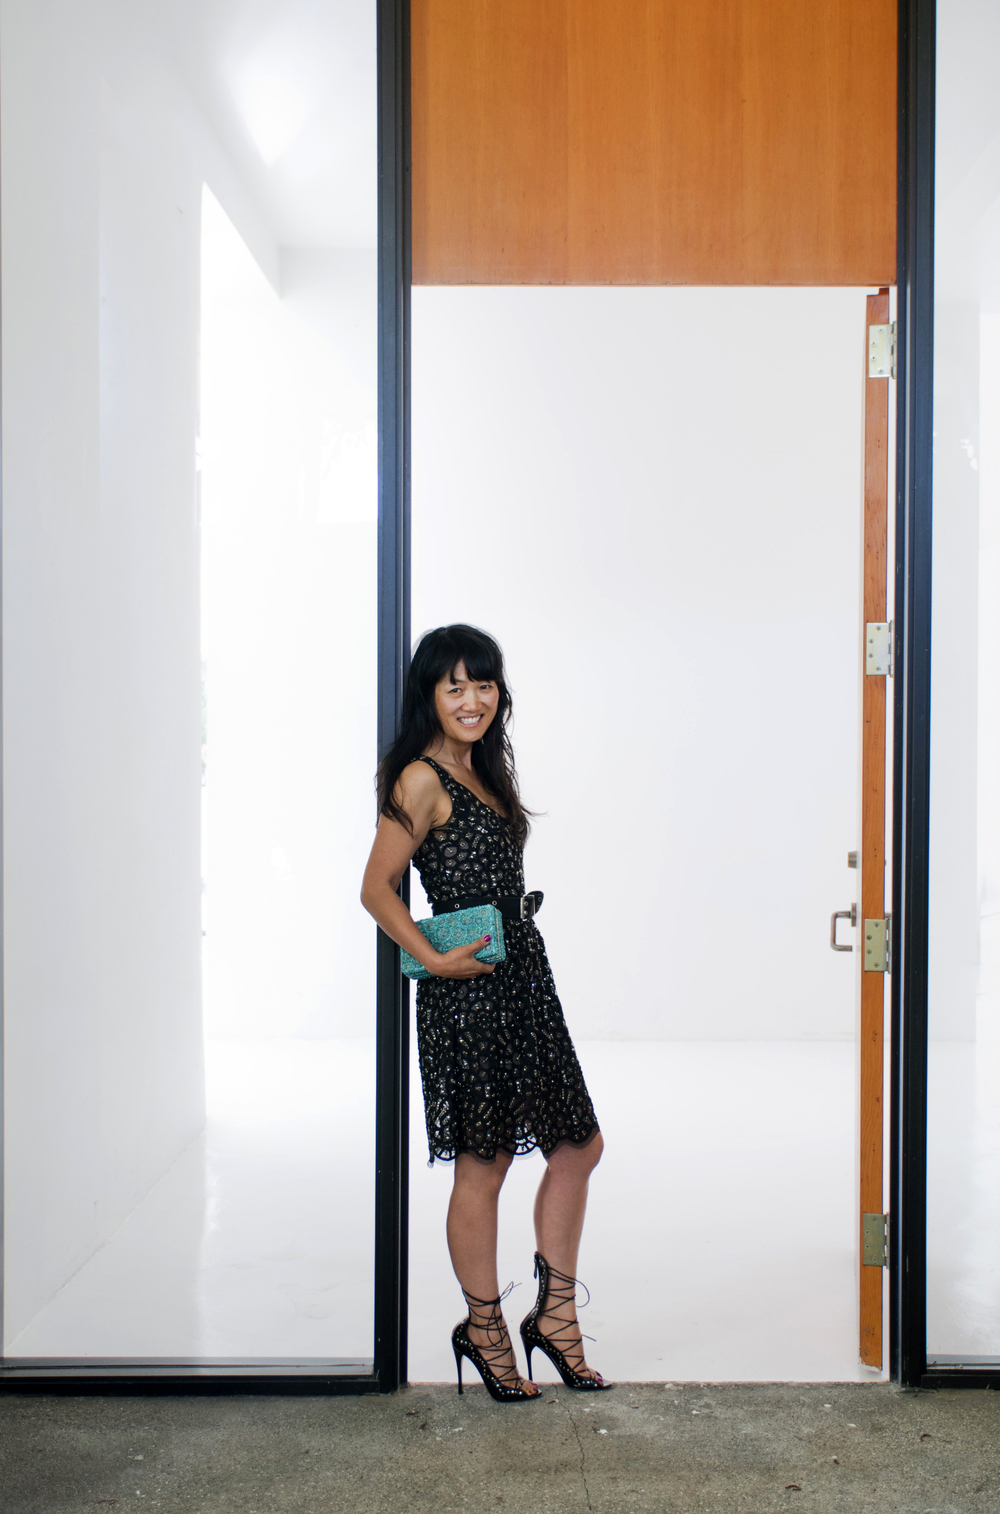 Sunjoo Kim